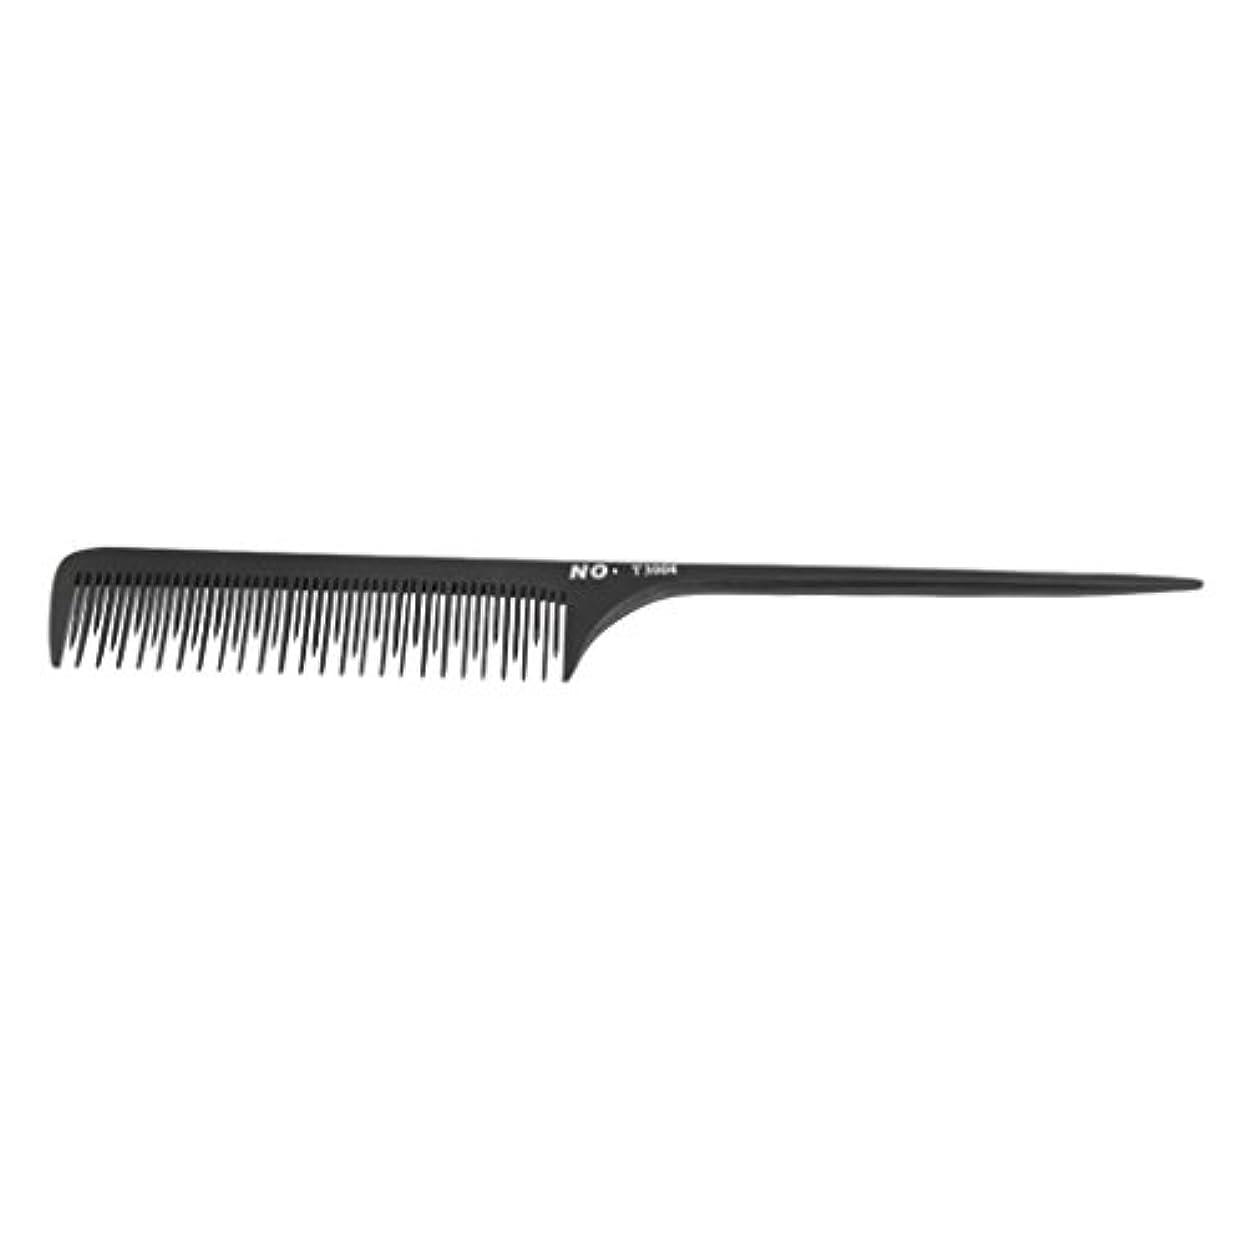 努力する差別化するフェードサロン 理髪師 ヘアスタイリング 櫛 テールコーム ヘアコーム ヘアブラシ プロ 2タイプ選べ - t3004